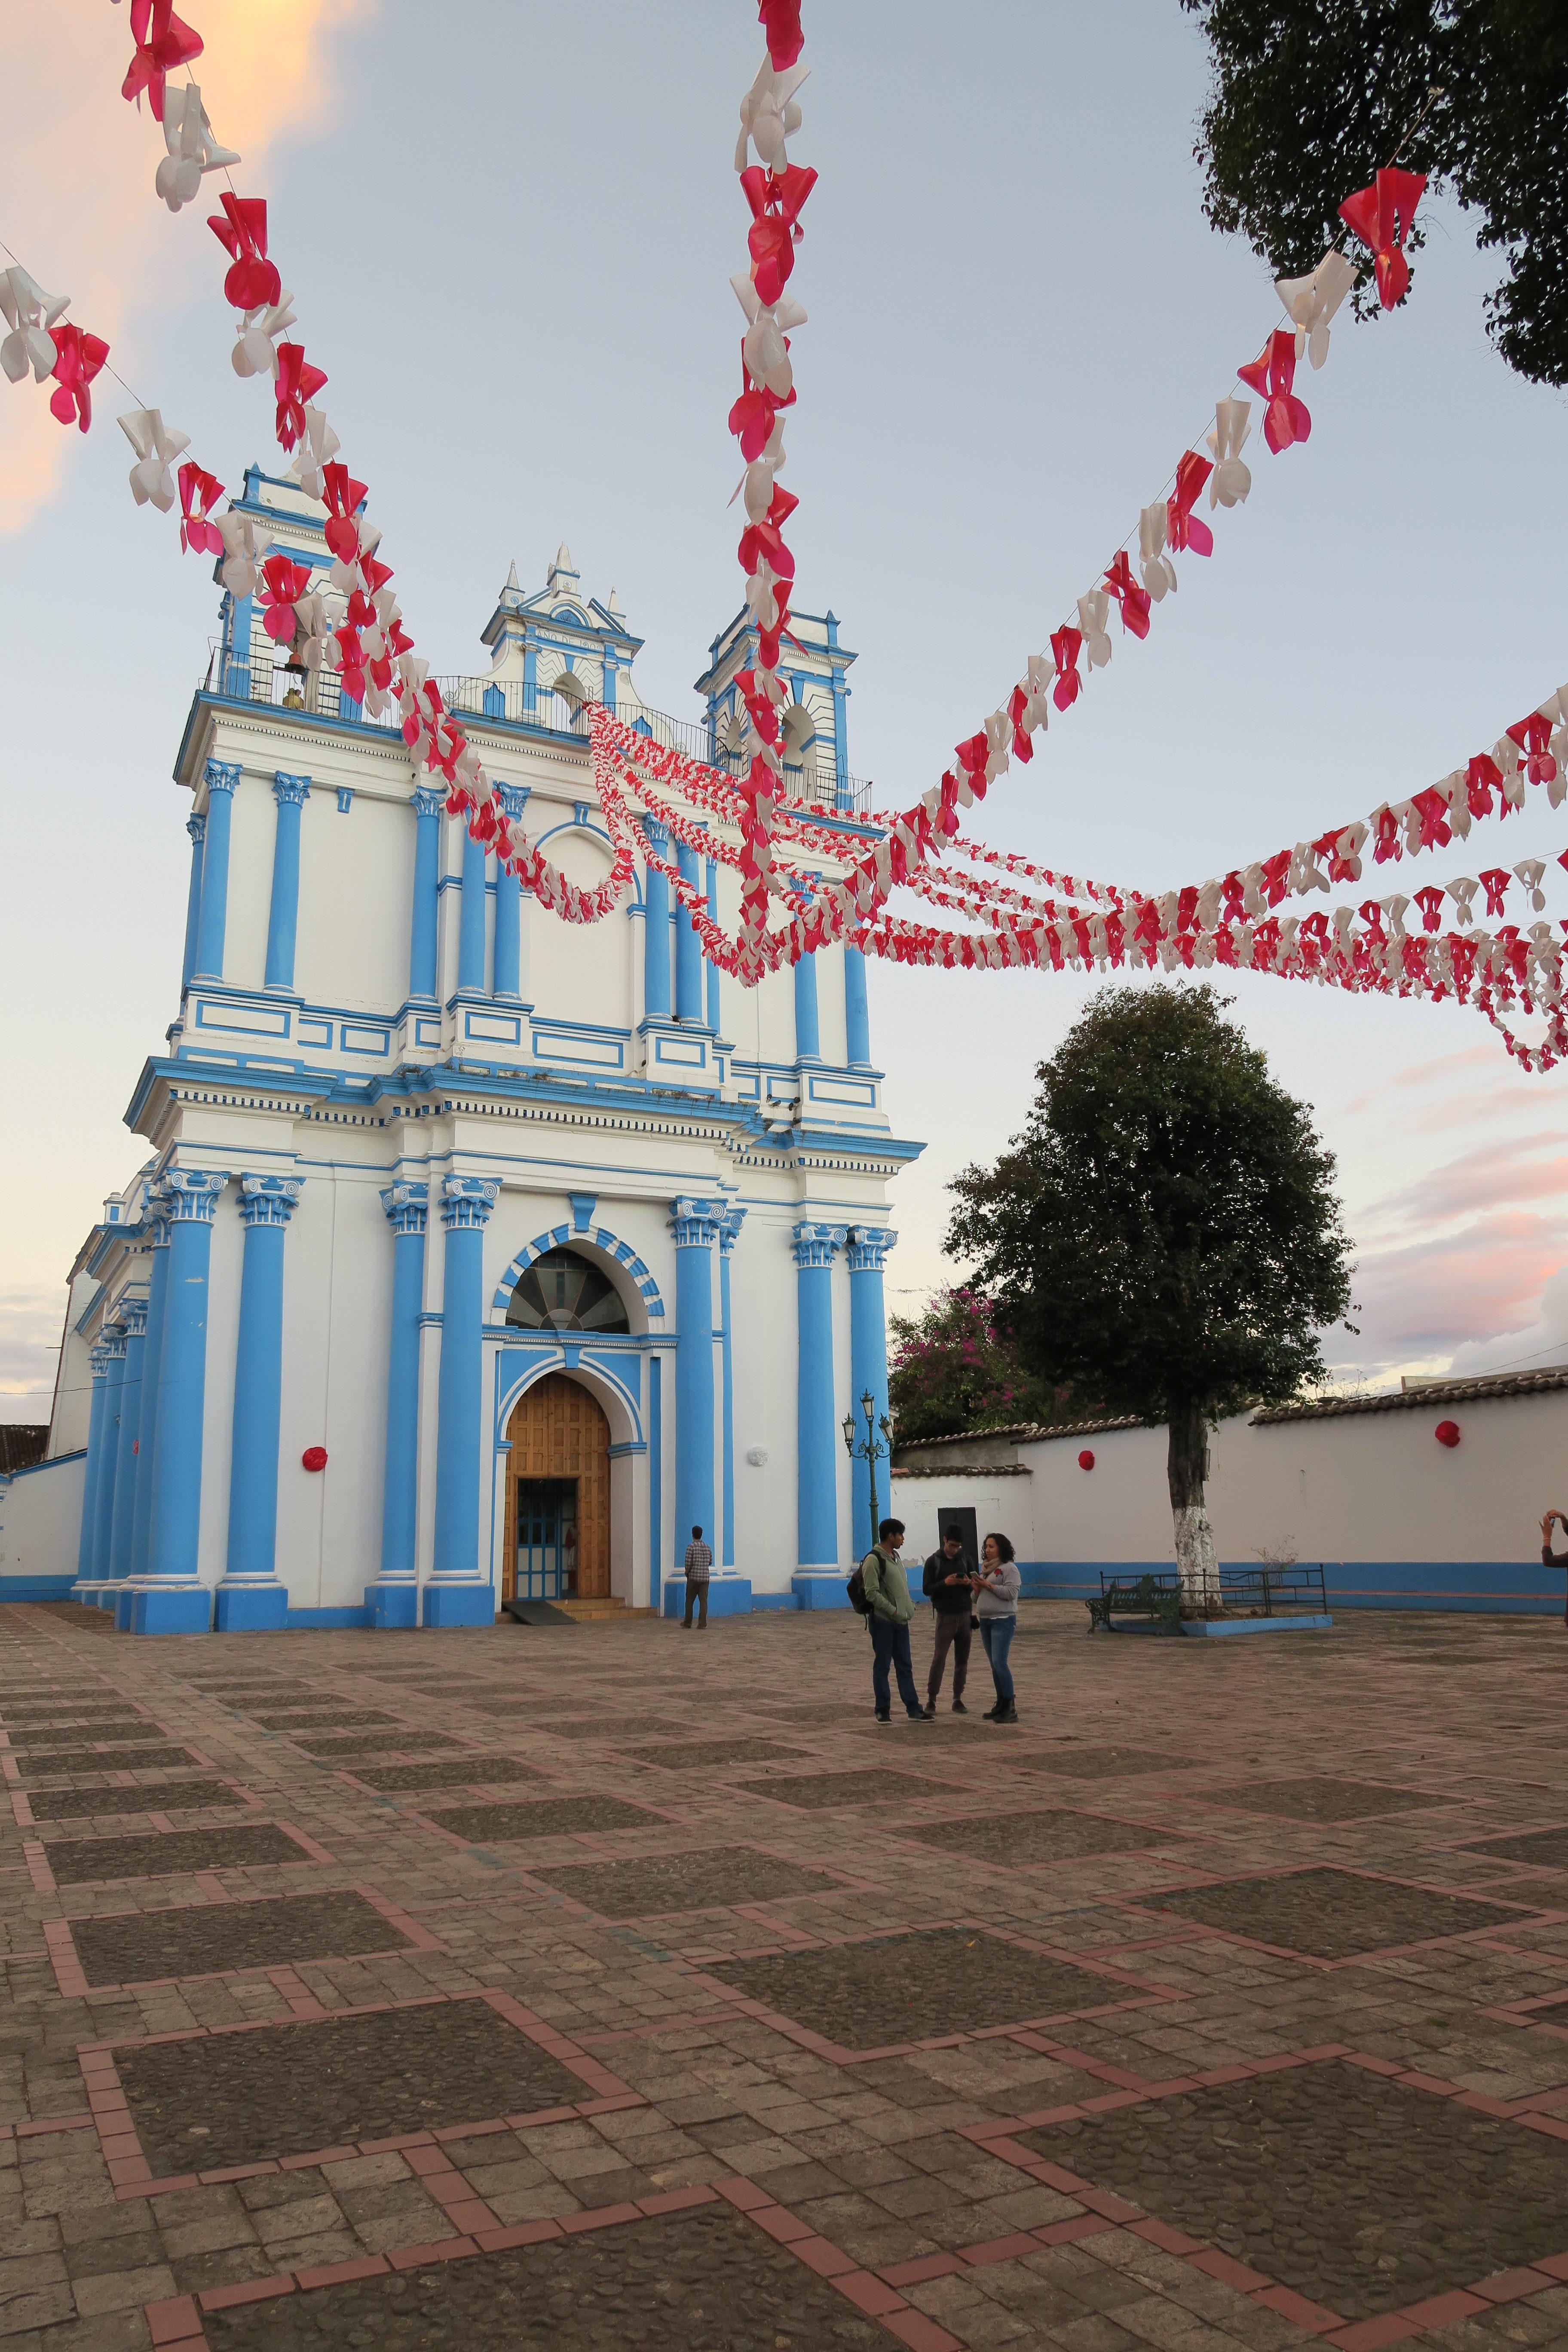 église aux murs bleus et blancs dans la ville de San Cristobal, las Chiapas, Mexique